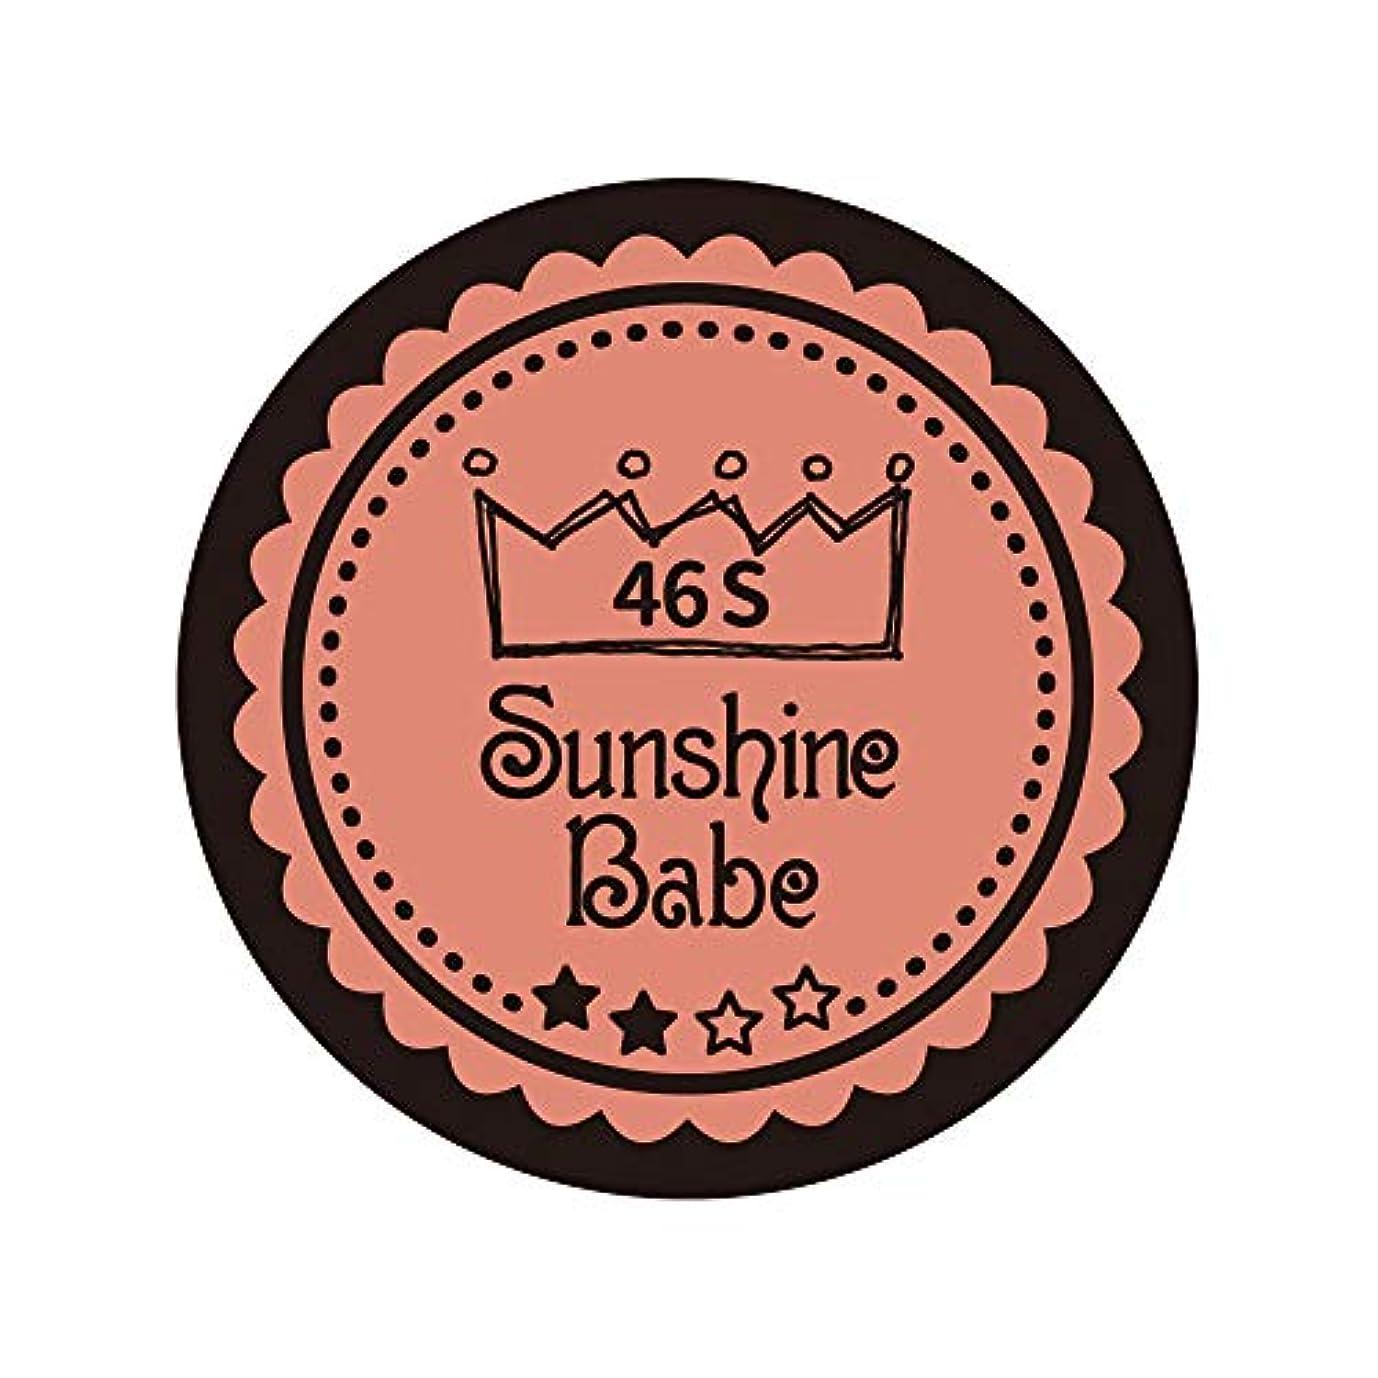 キャップ宣言するかもしれないSunshine Babe カラージェル 46S ピンクベージュ 2.7g UV/LED対応